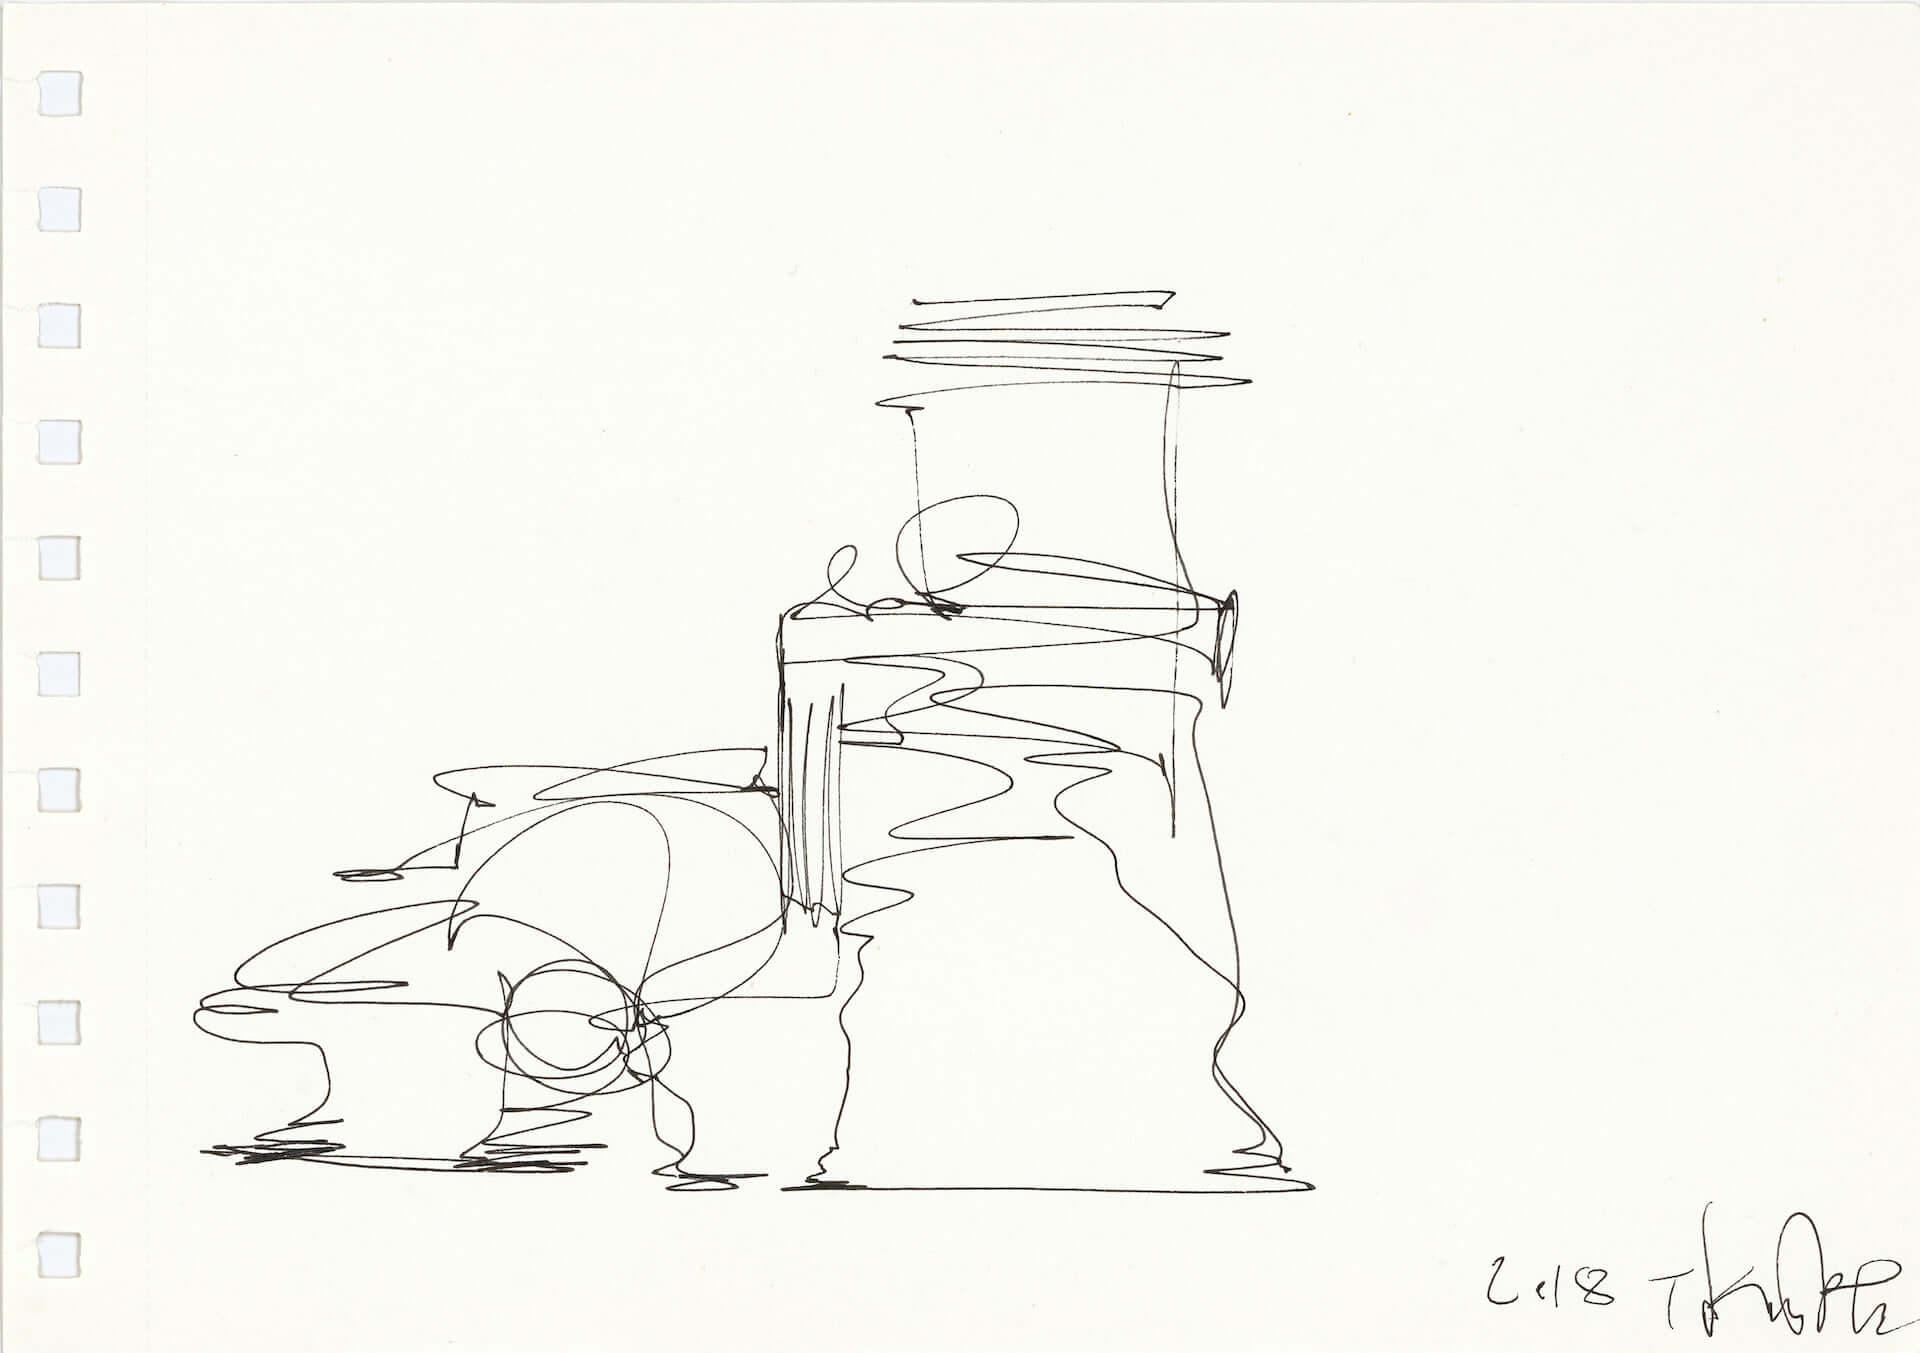 彫刻家・小畑多丘による初の作品集『Spectrum of the Move』が刊行決定!京都「haku kyoto」では記念の個展も開催 art201118_taku-obata_10-1920x1353